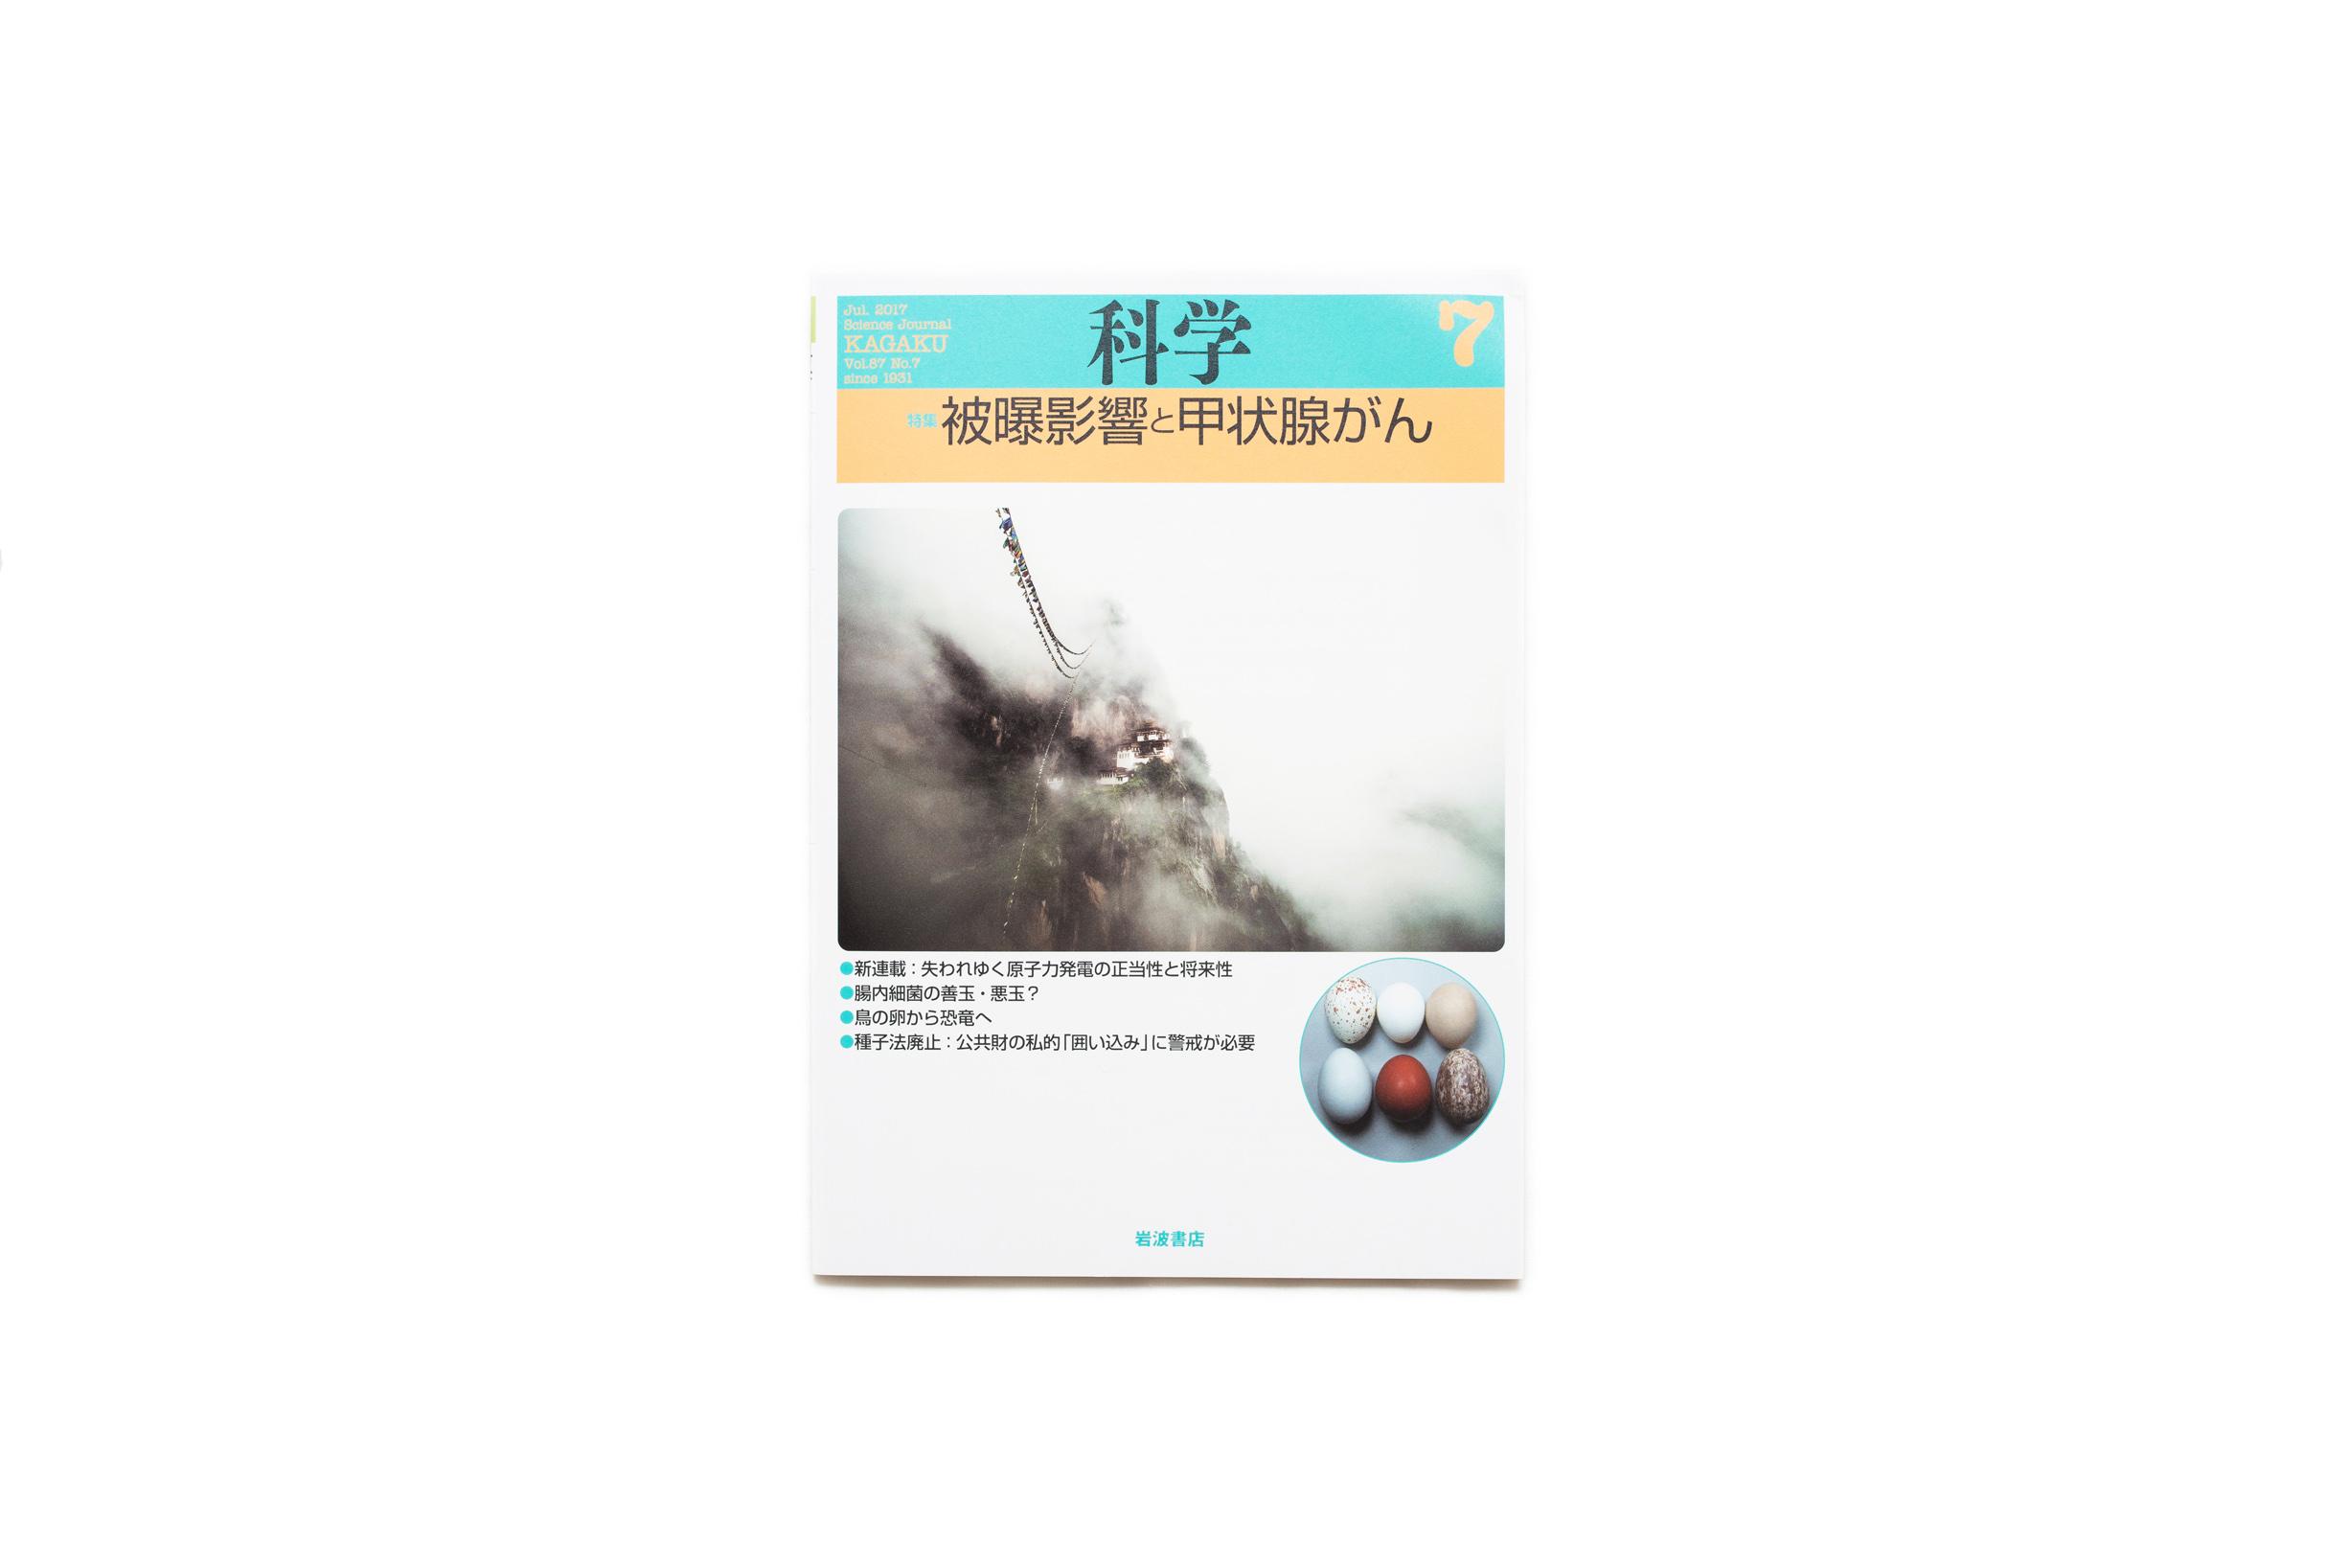 岩波書店・雑誌『科学』2017年7月号表紙